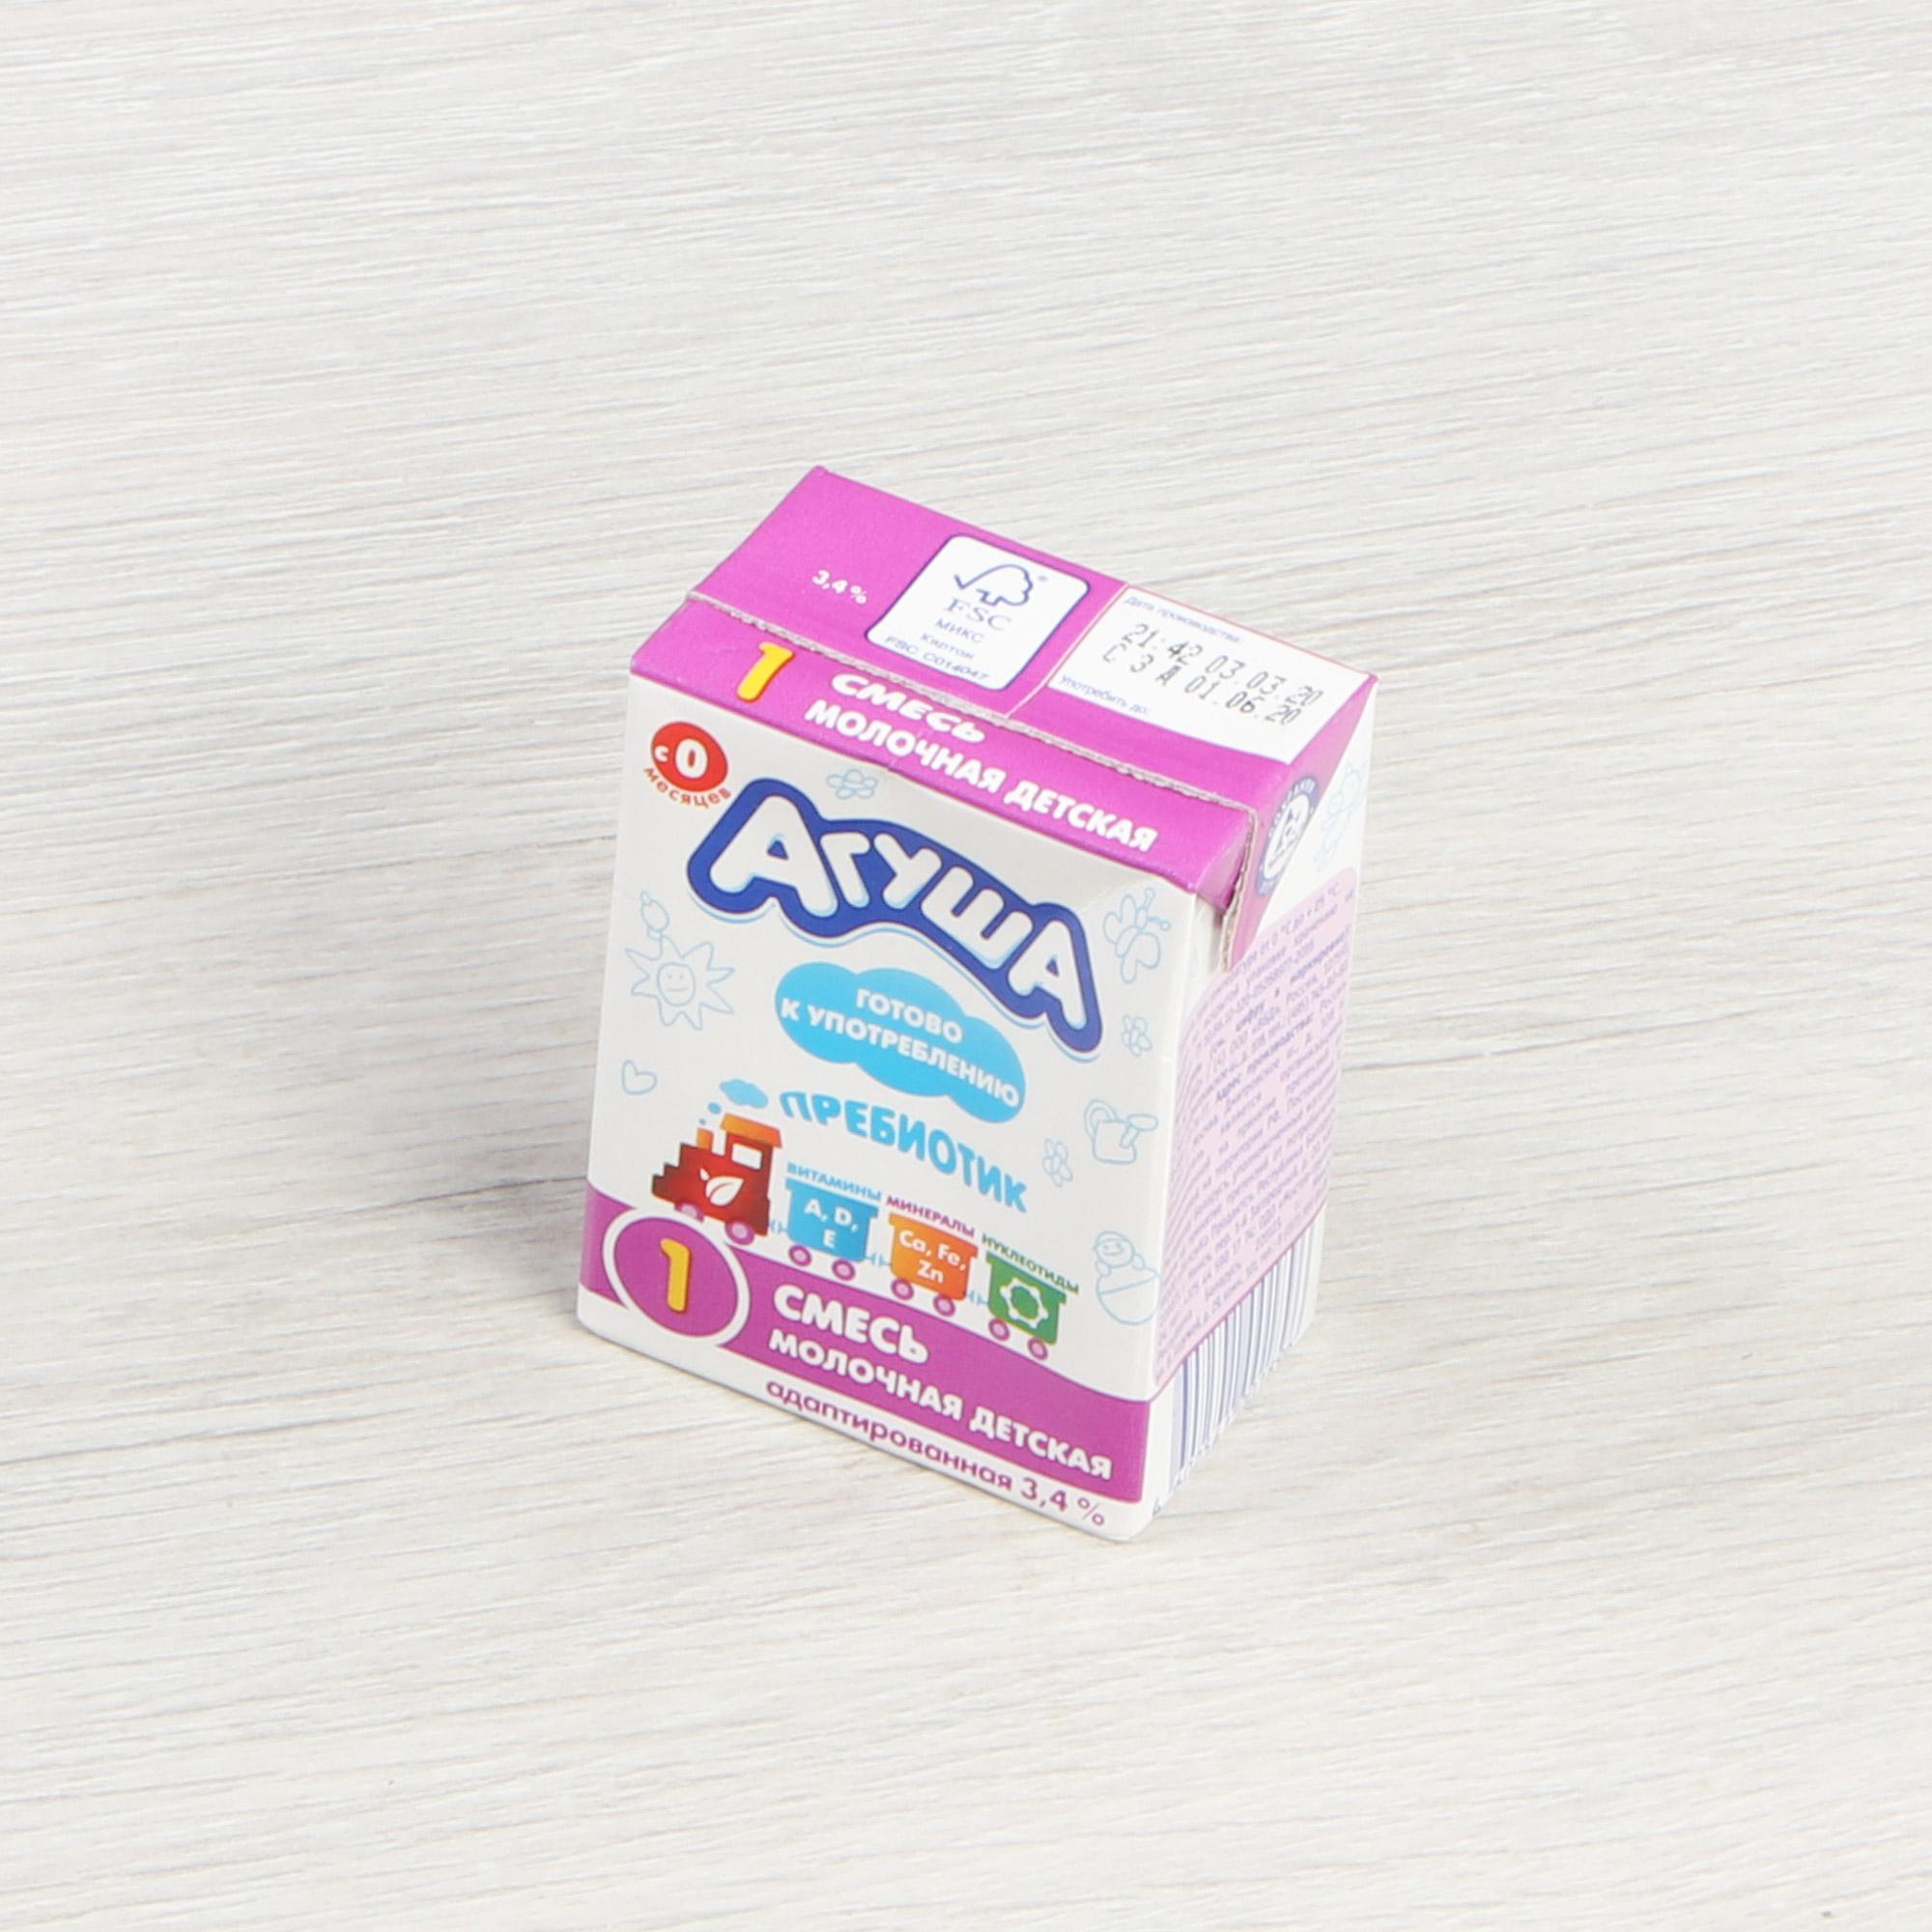 Смесь кисломолочная Детская Агуша-1 3,4% 200 г